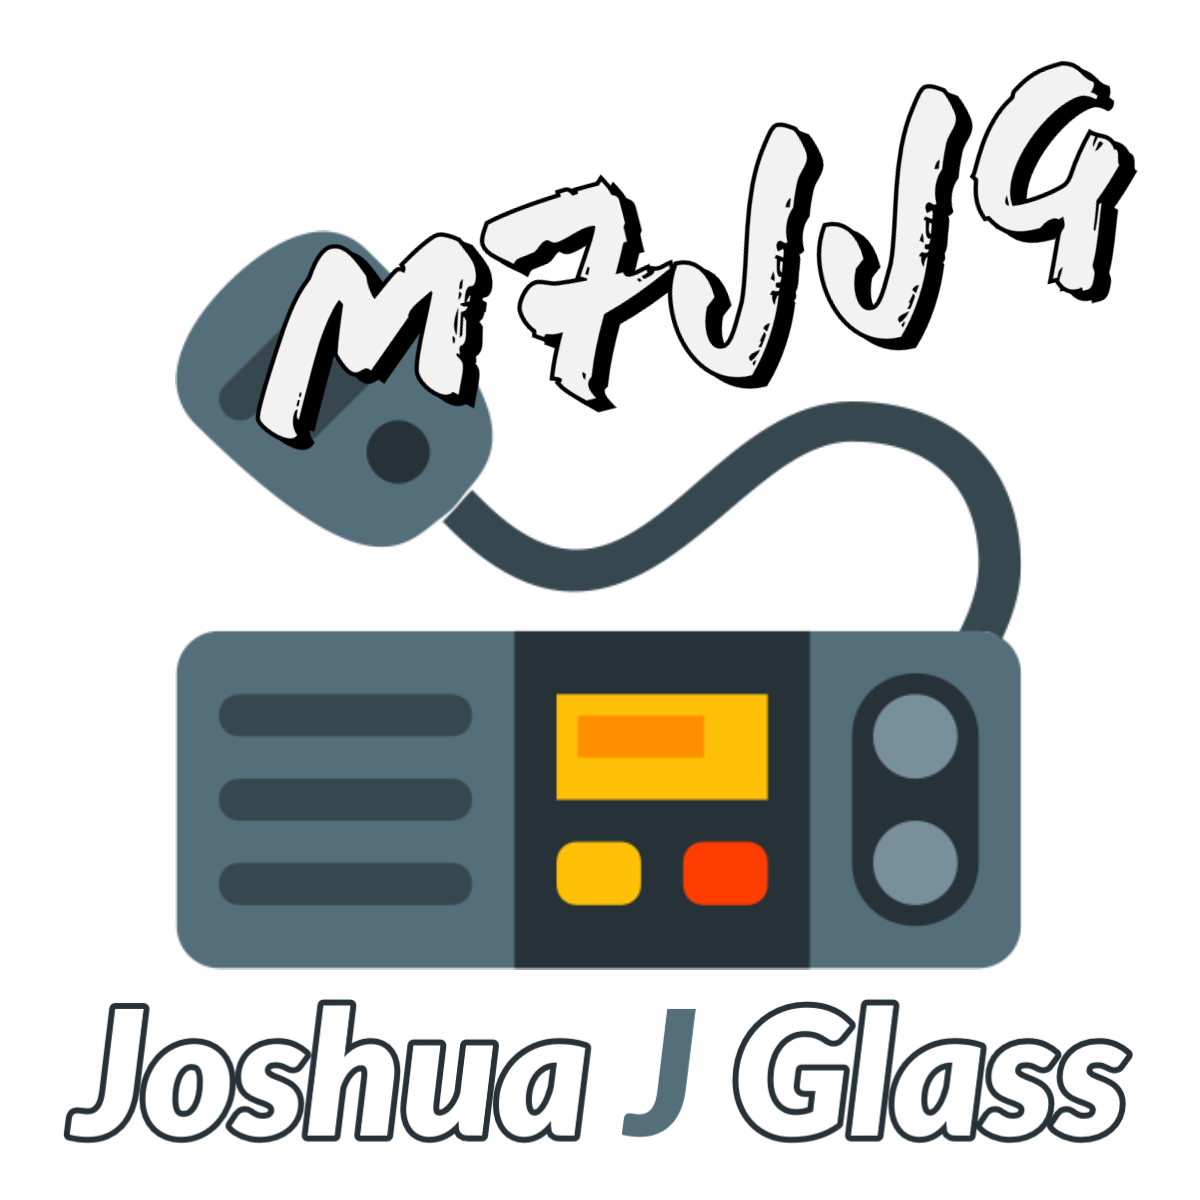 Primary Image for M7JJG